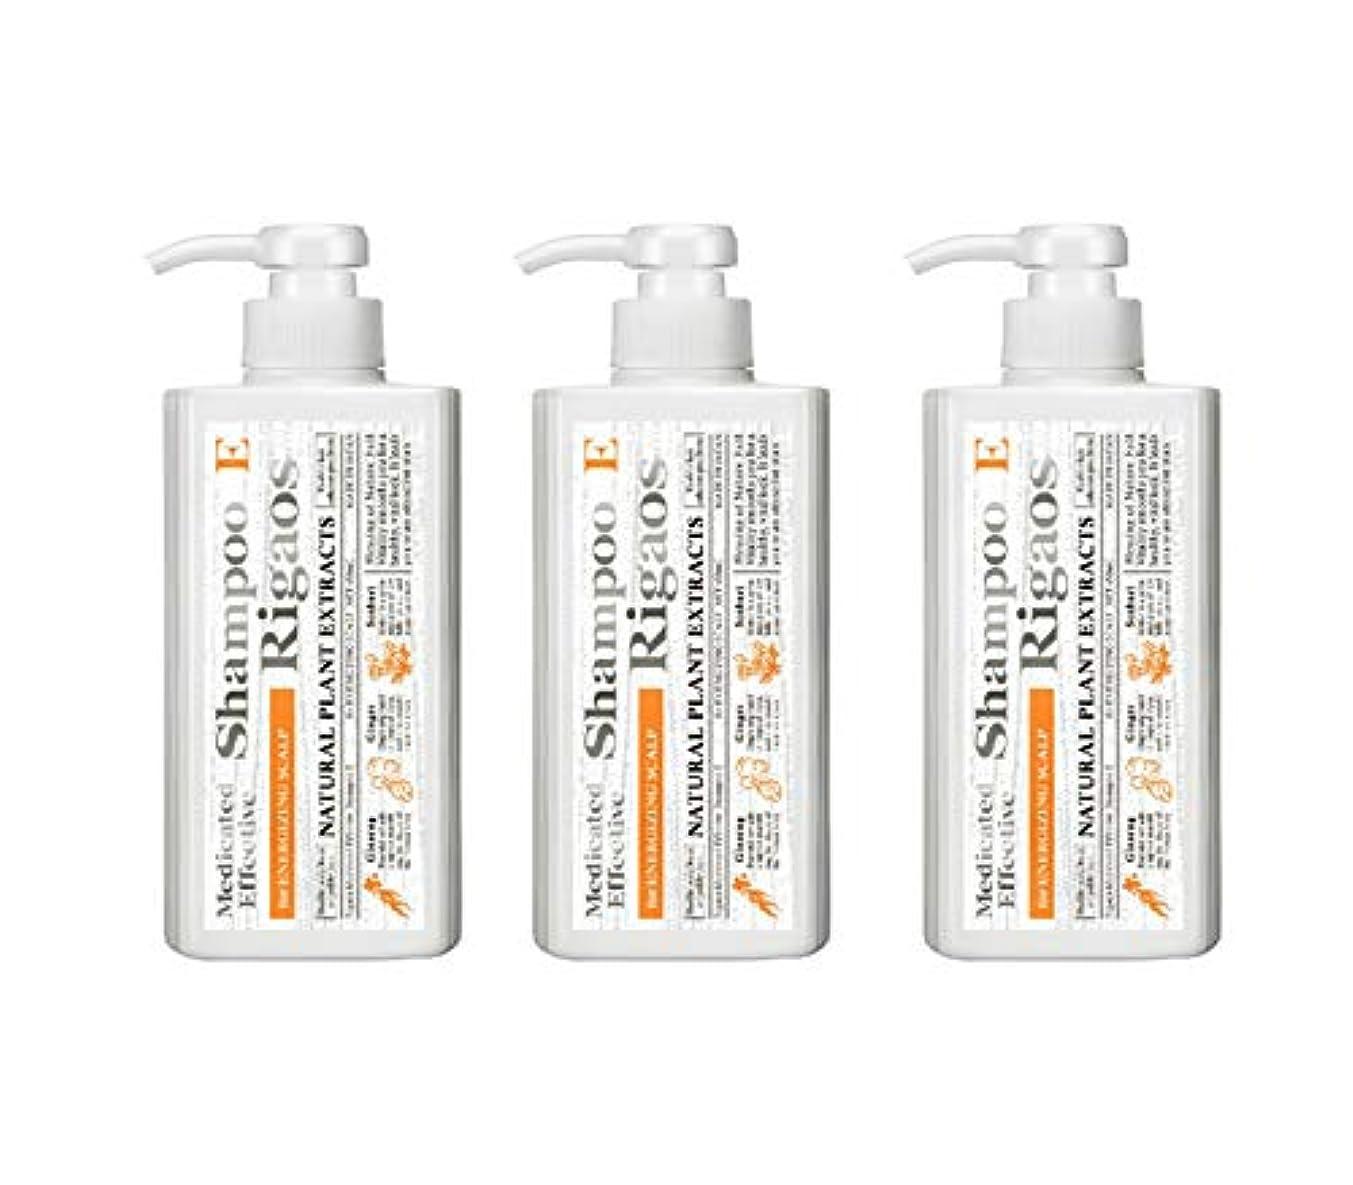 スクリュー応じるずらす【3個セット】リガオス 薬用 エフェクティブ シャンプー E ボトル(オレンジ) 450ml